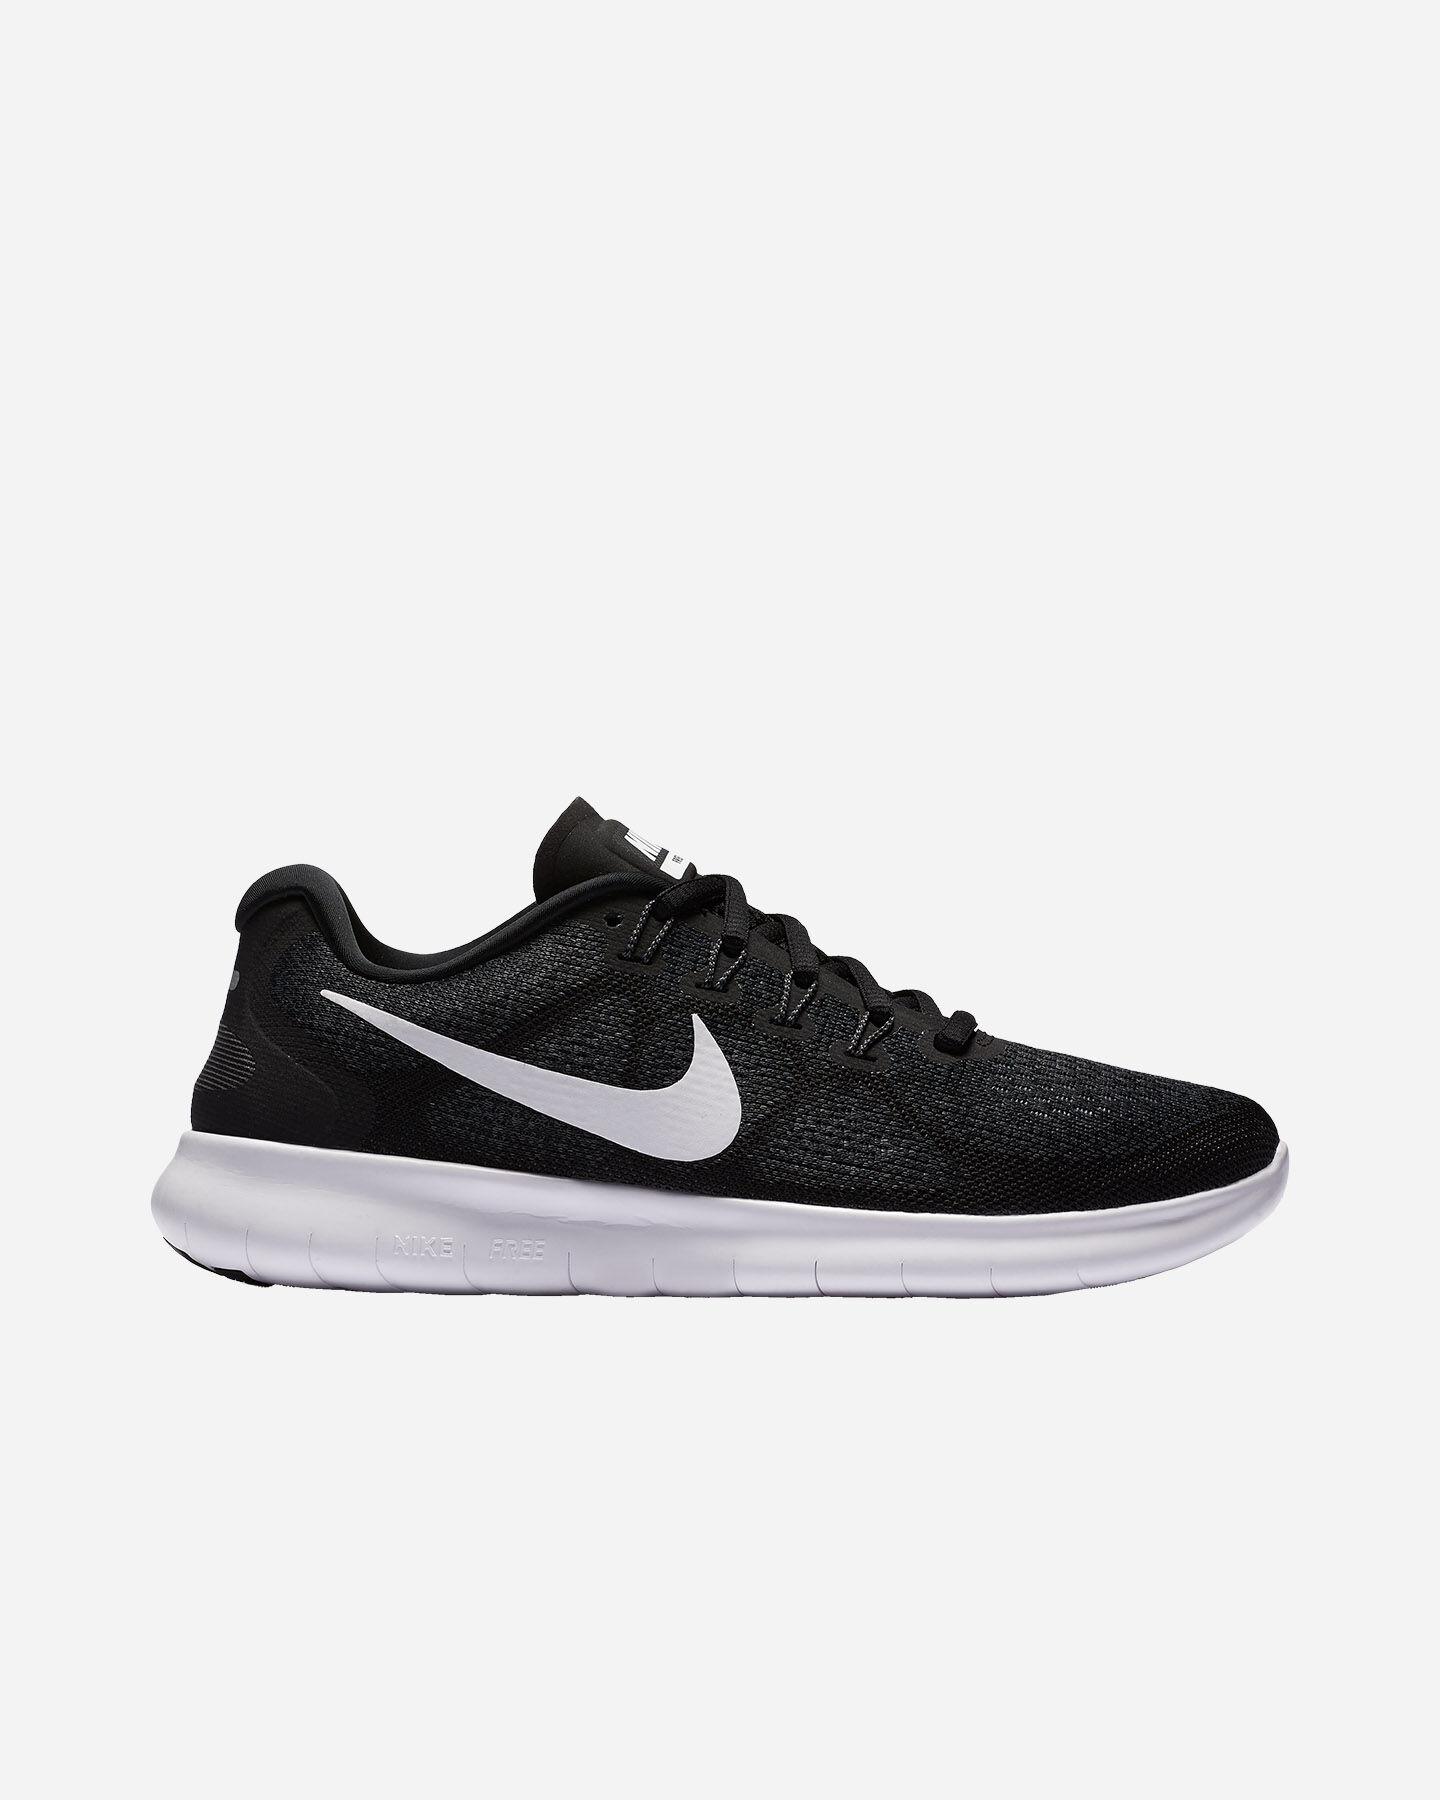 NIKE Free RN Uomo Scarpe Sneaker Scarpe da running Scarpe da ginnastica Fitness Scarpe Cachi 44